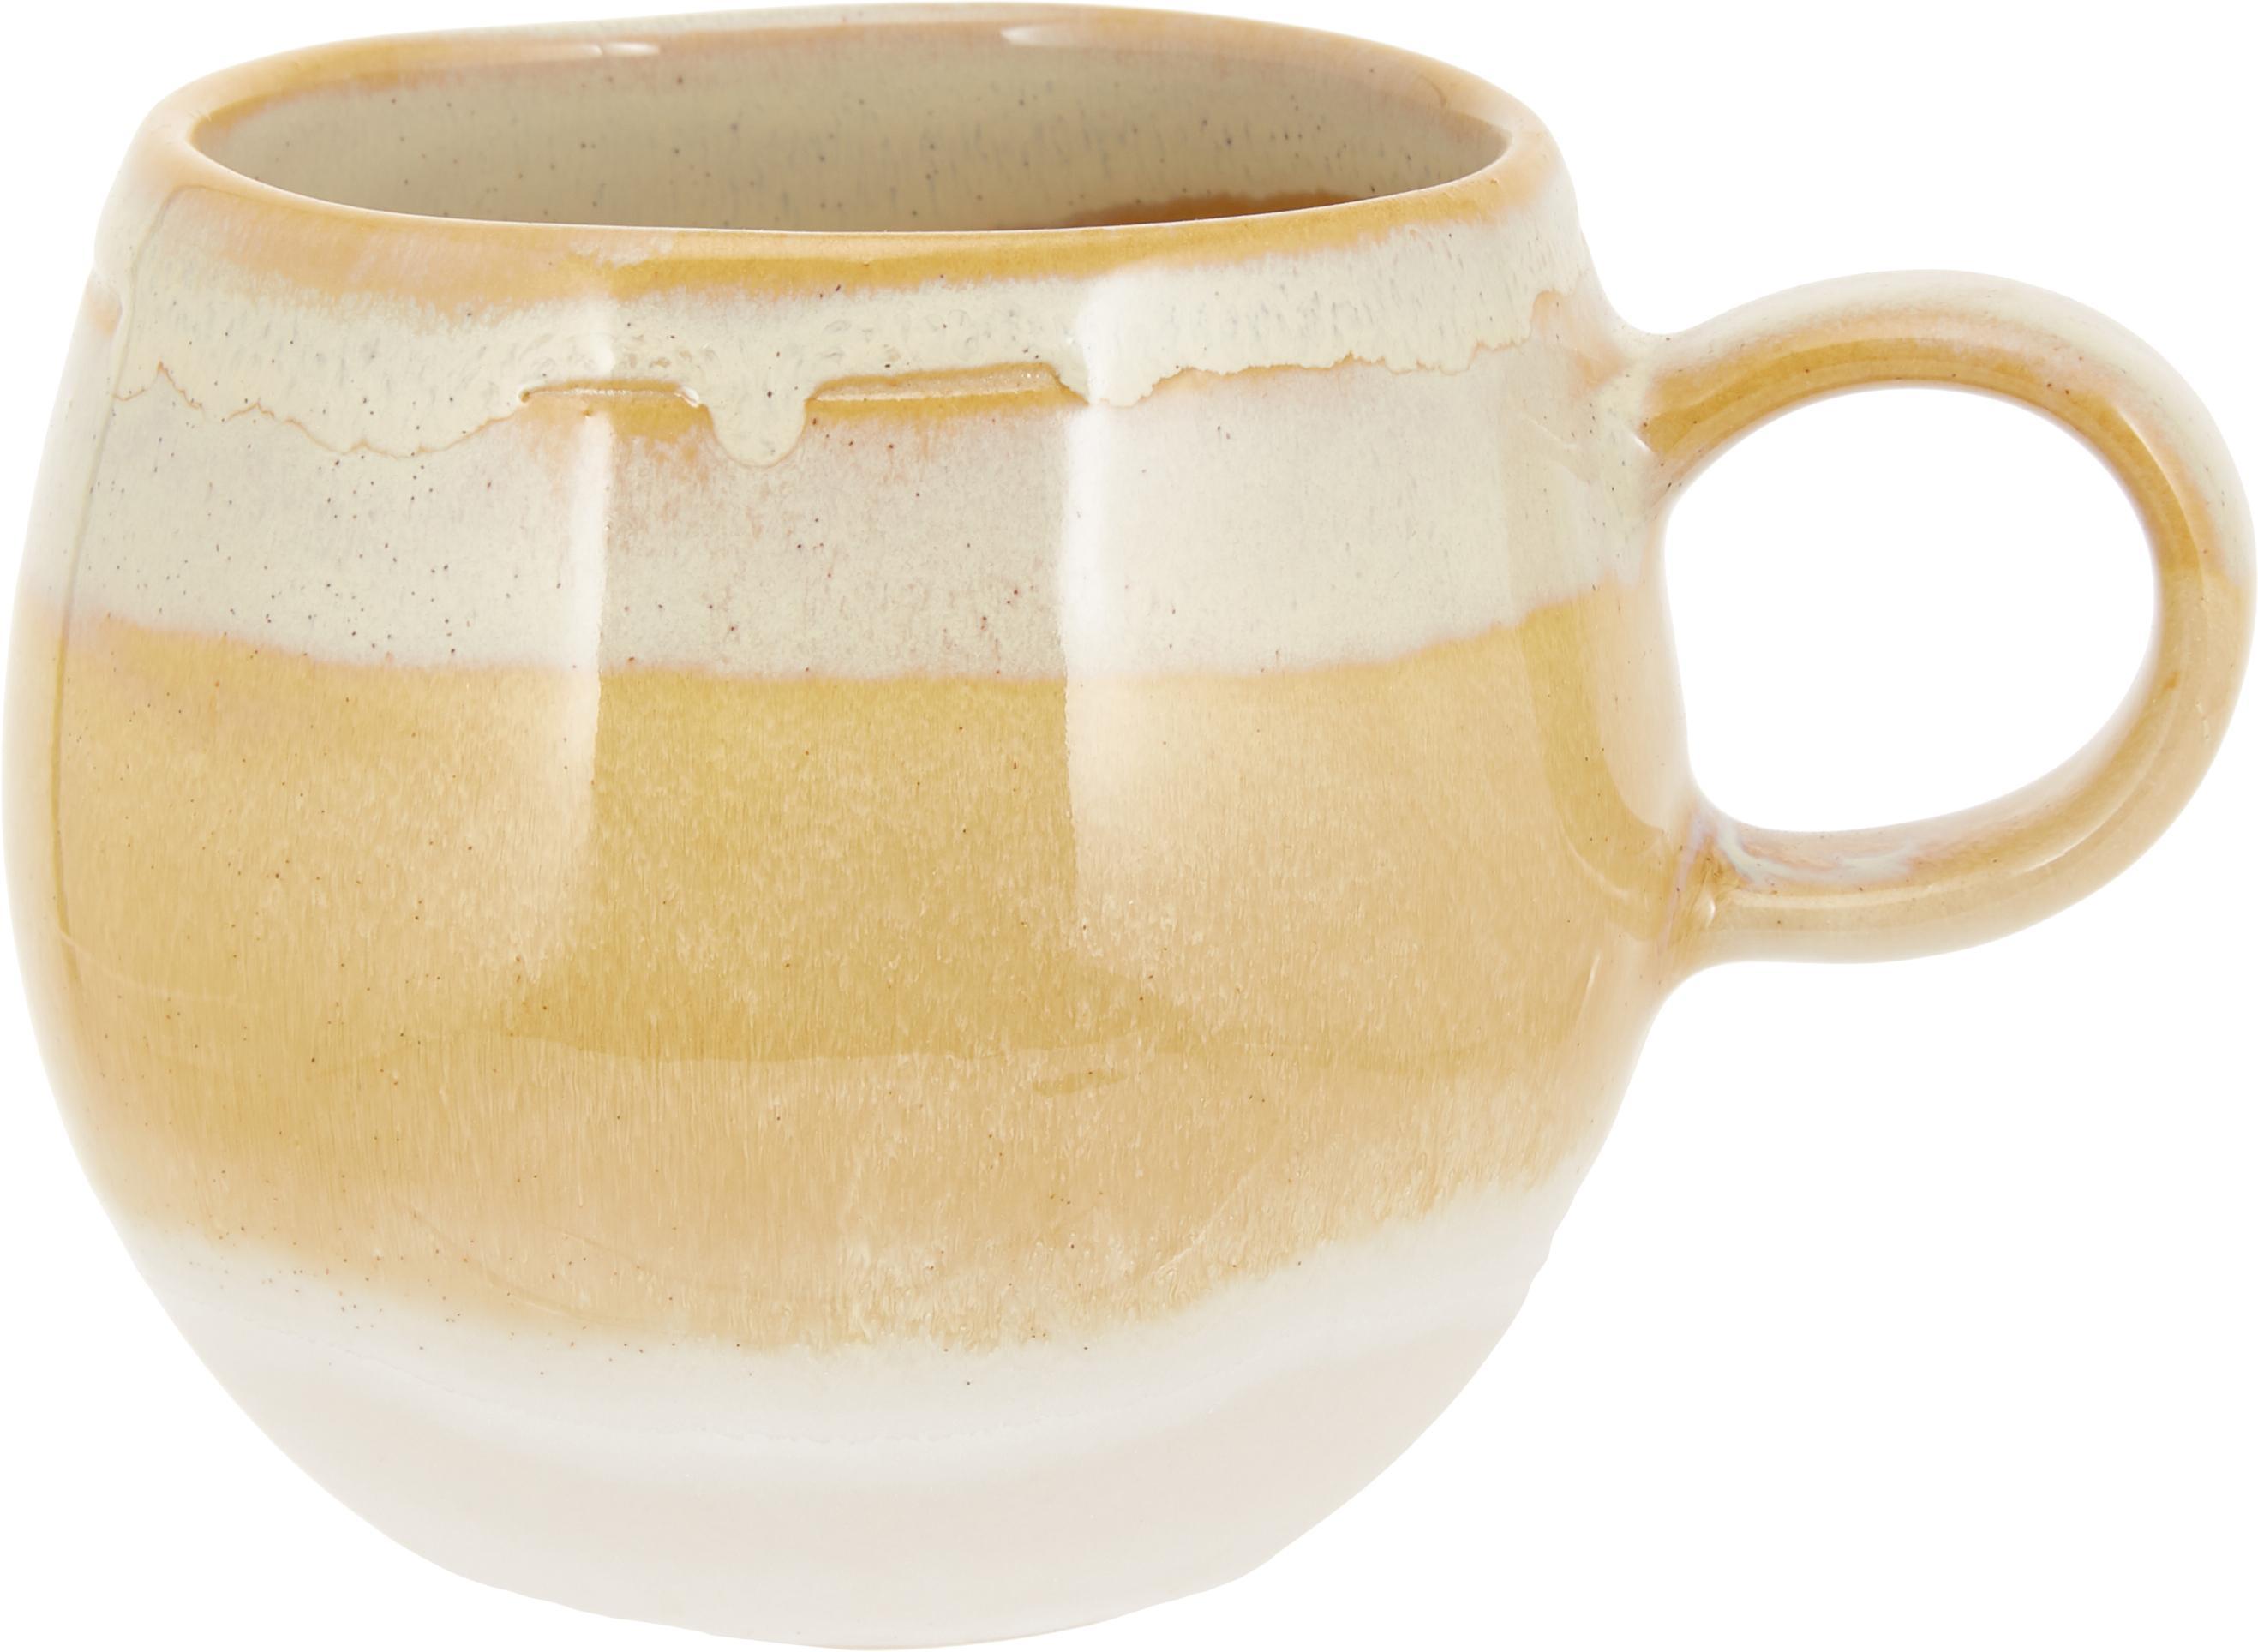 Tazza da caffè fatta a mano April, Gres, Tonalità beige, Ø 9 x Alt. 8 cm